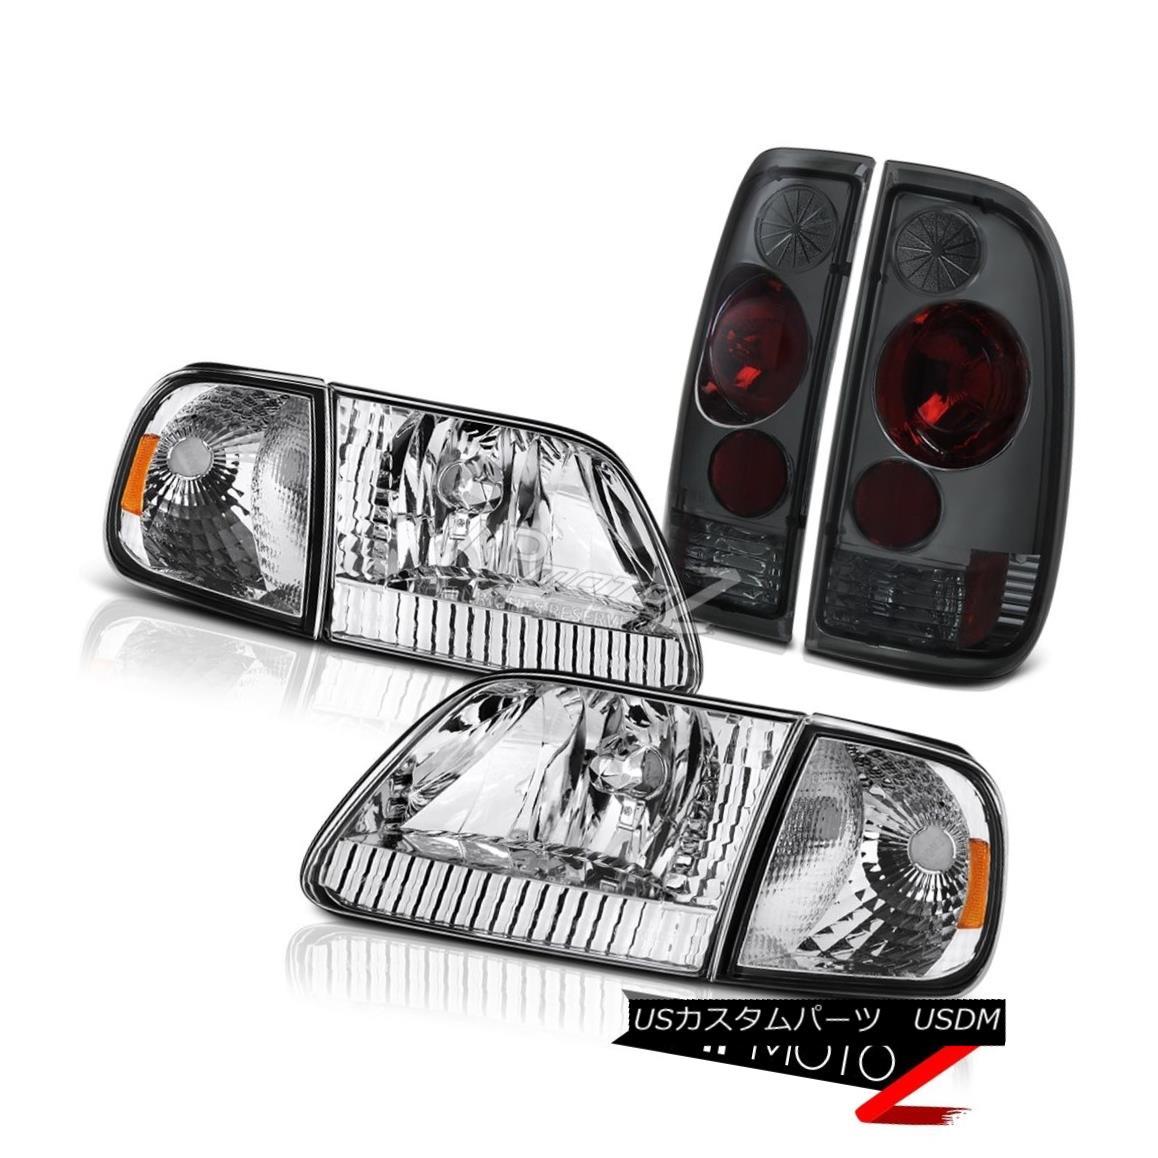 ヘッドライト 1997-2003 Ford F150 XL Euro Corner+Headlamps Smoke Tinted Rear Tail Brake Lamps 1997-2003フォードF150 XLユーロコーナー+ヘッドラム psスモークティアリングリアテールブレーキランプ